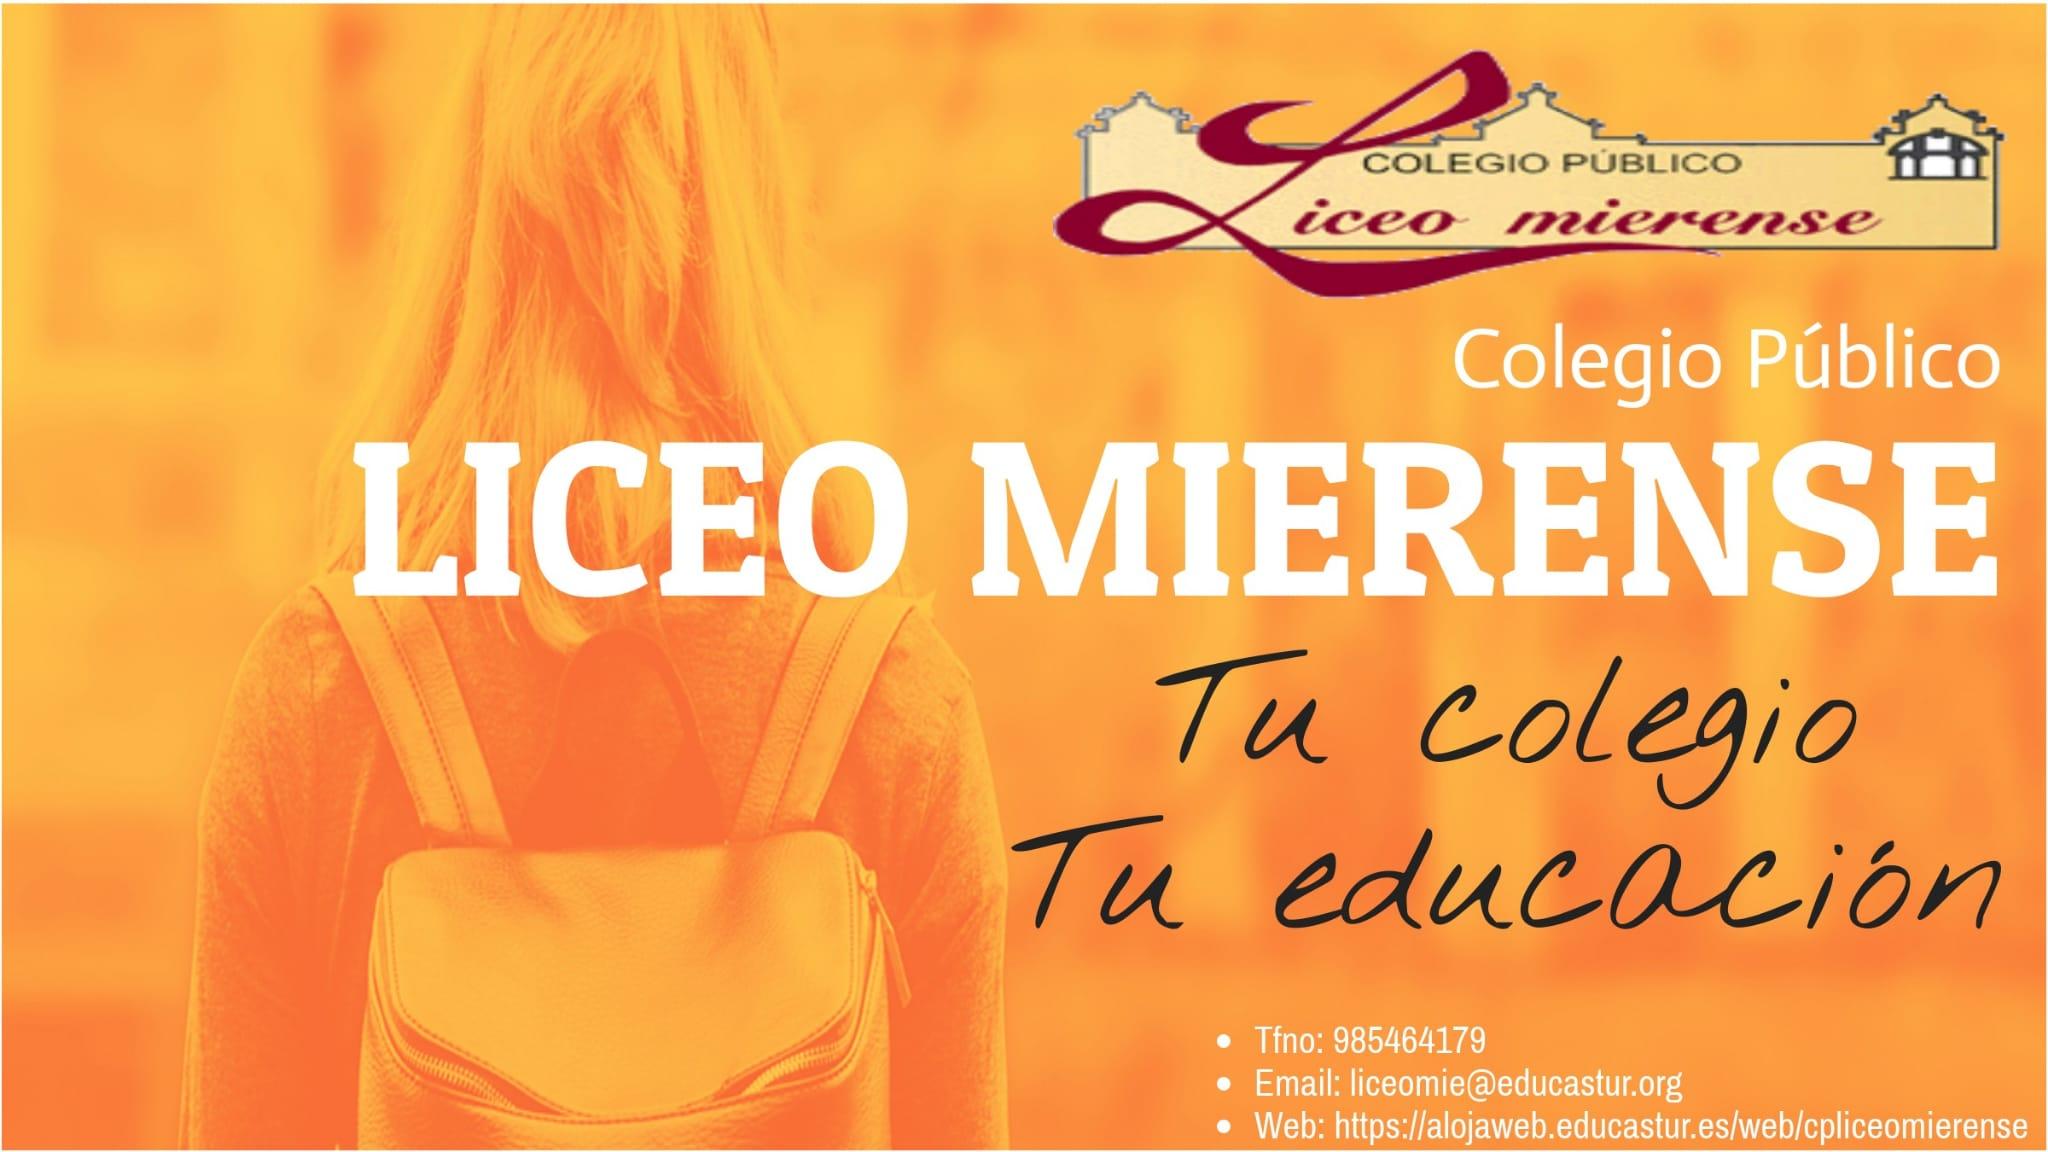 Colegio Liceo Mierense